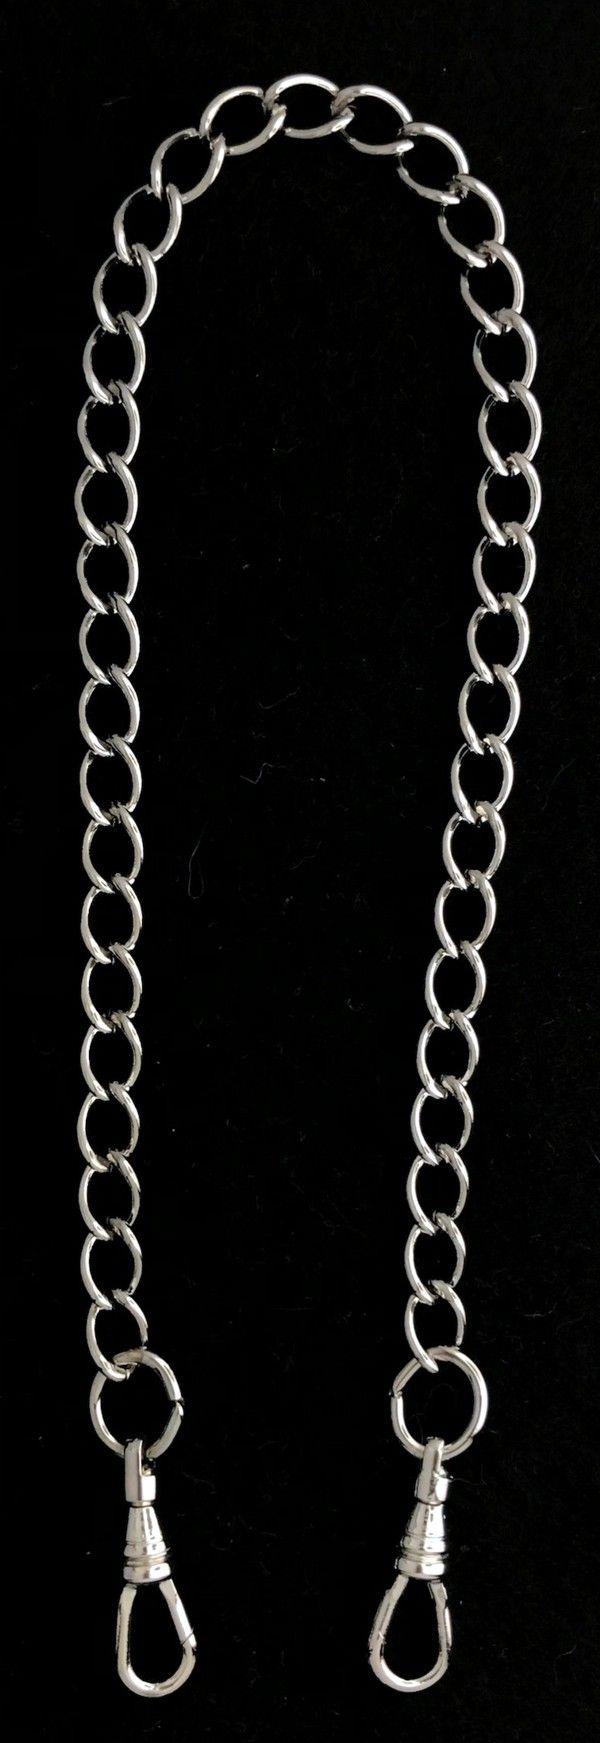 Chain Collar Neck Preventer Chain Silver New